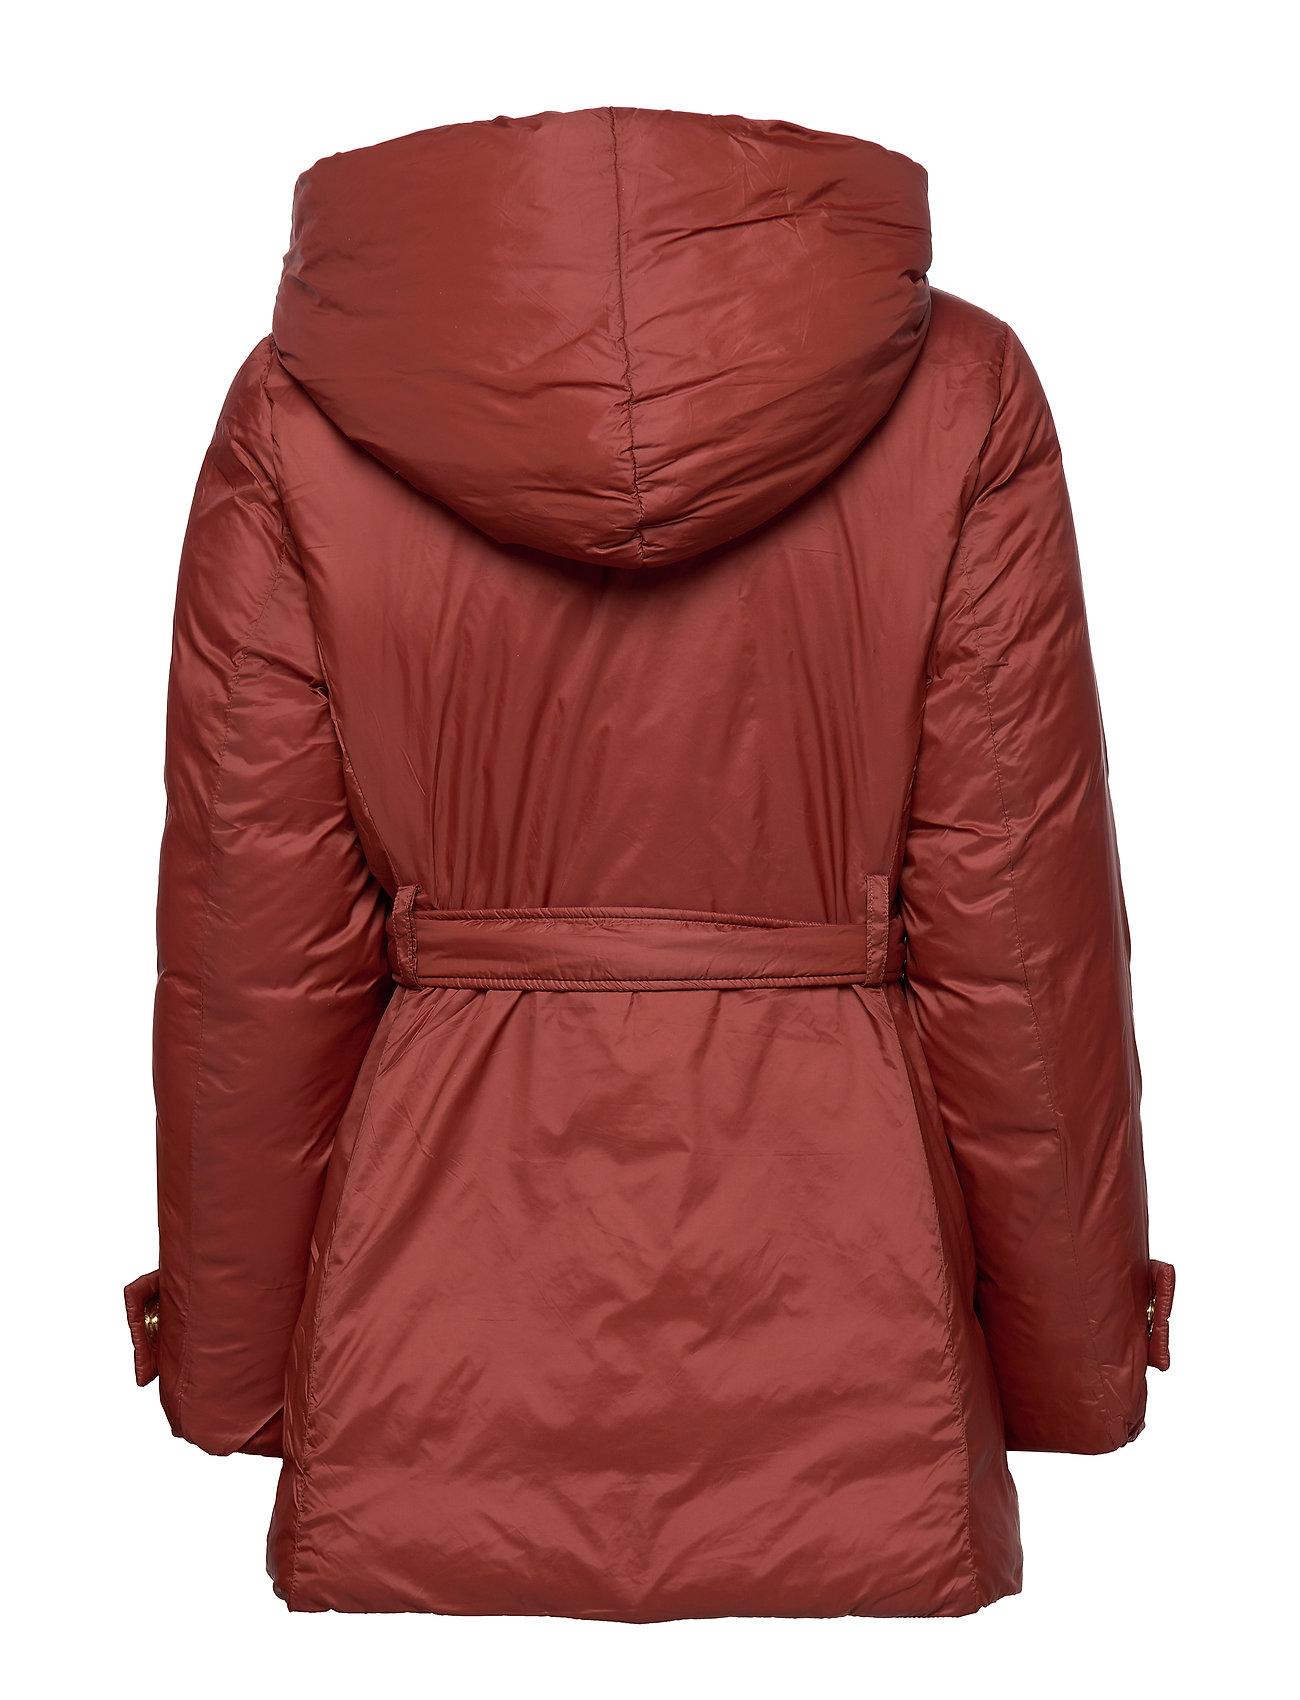 35% Sale Jackets Outdoor Woven Gefütterte Jacke Rot ESPRIT